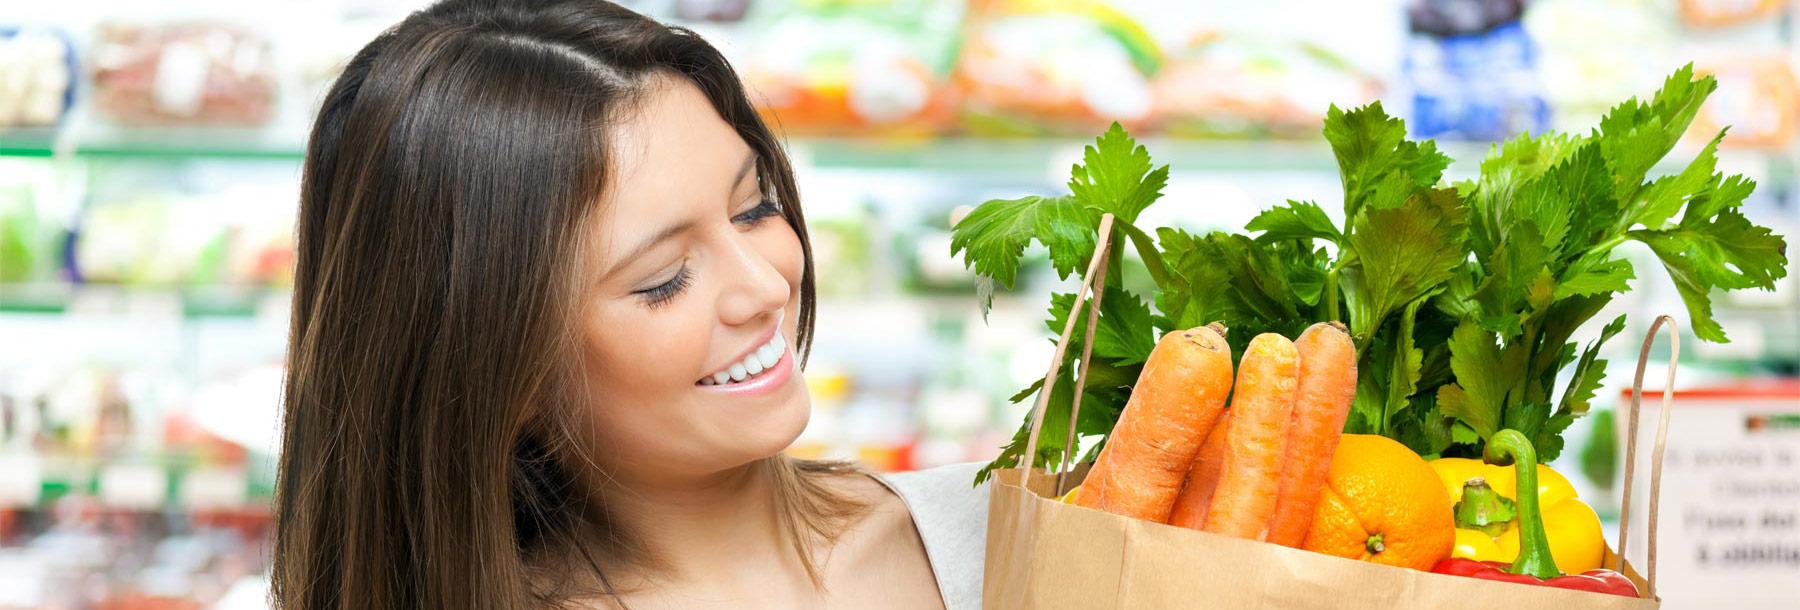 Ernährung bei ebe-Wellness